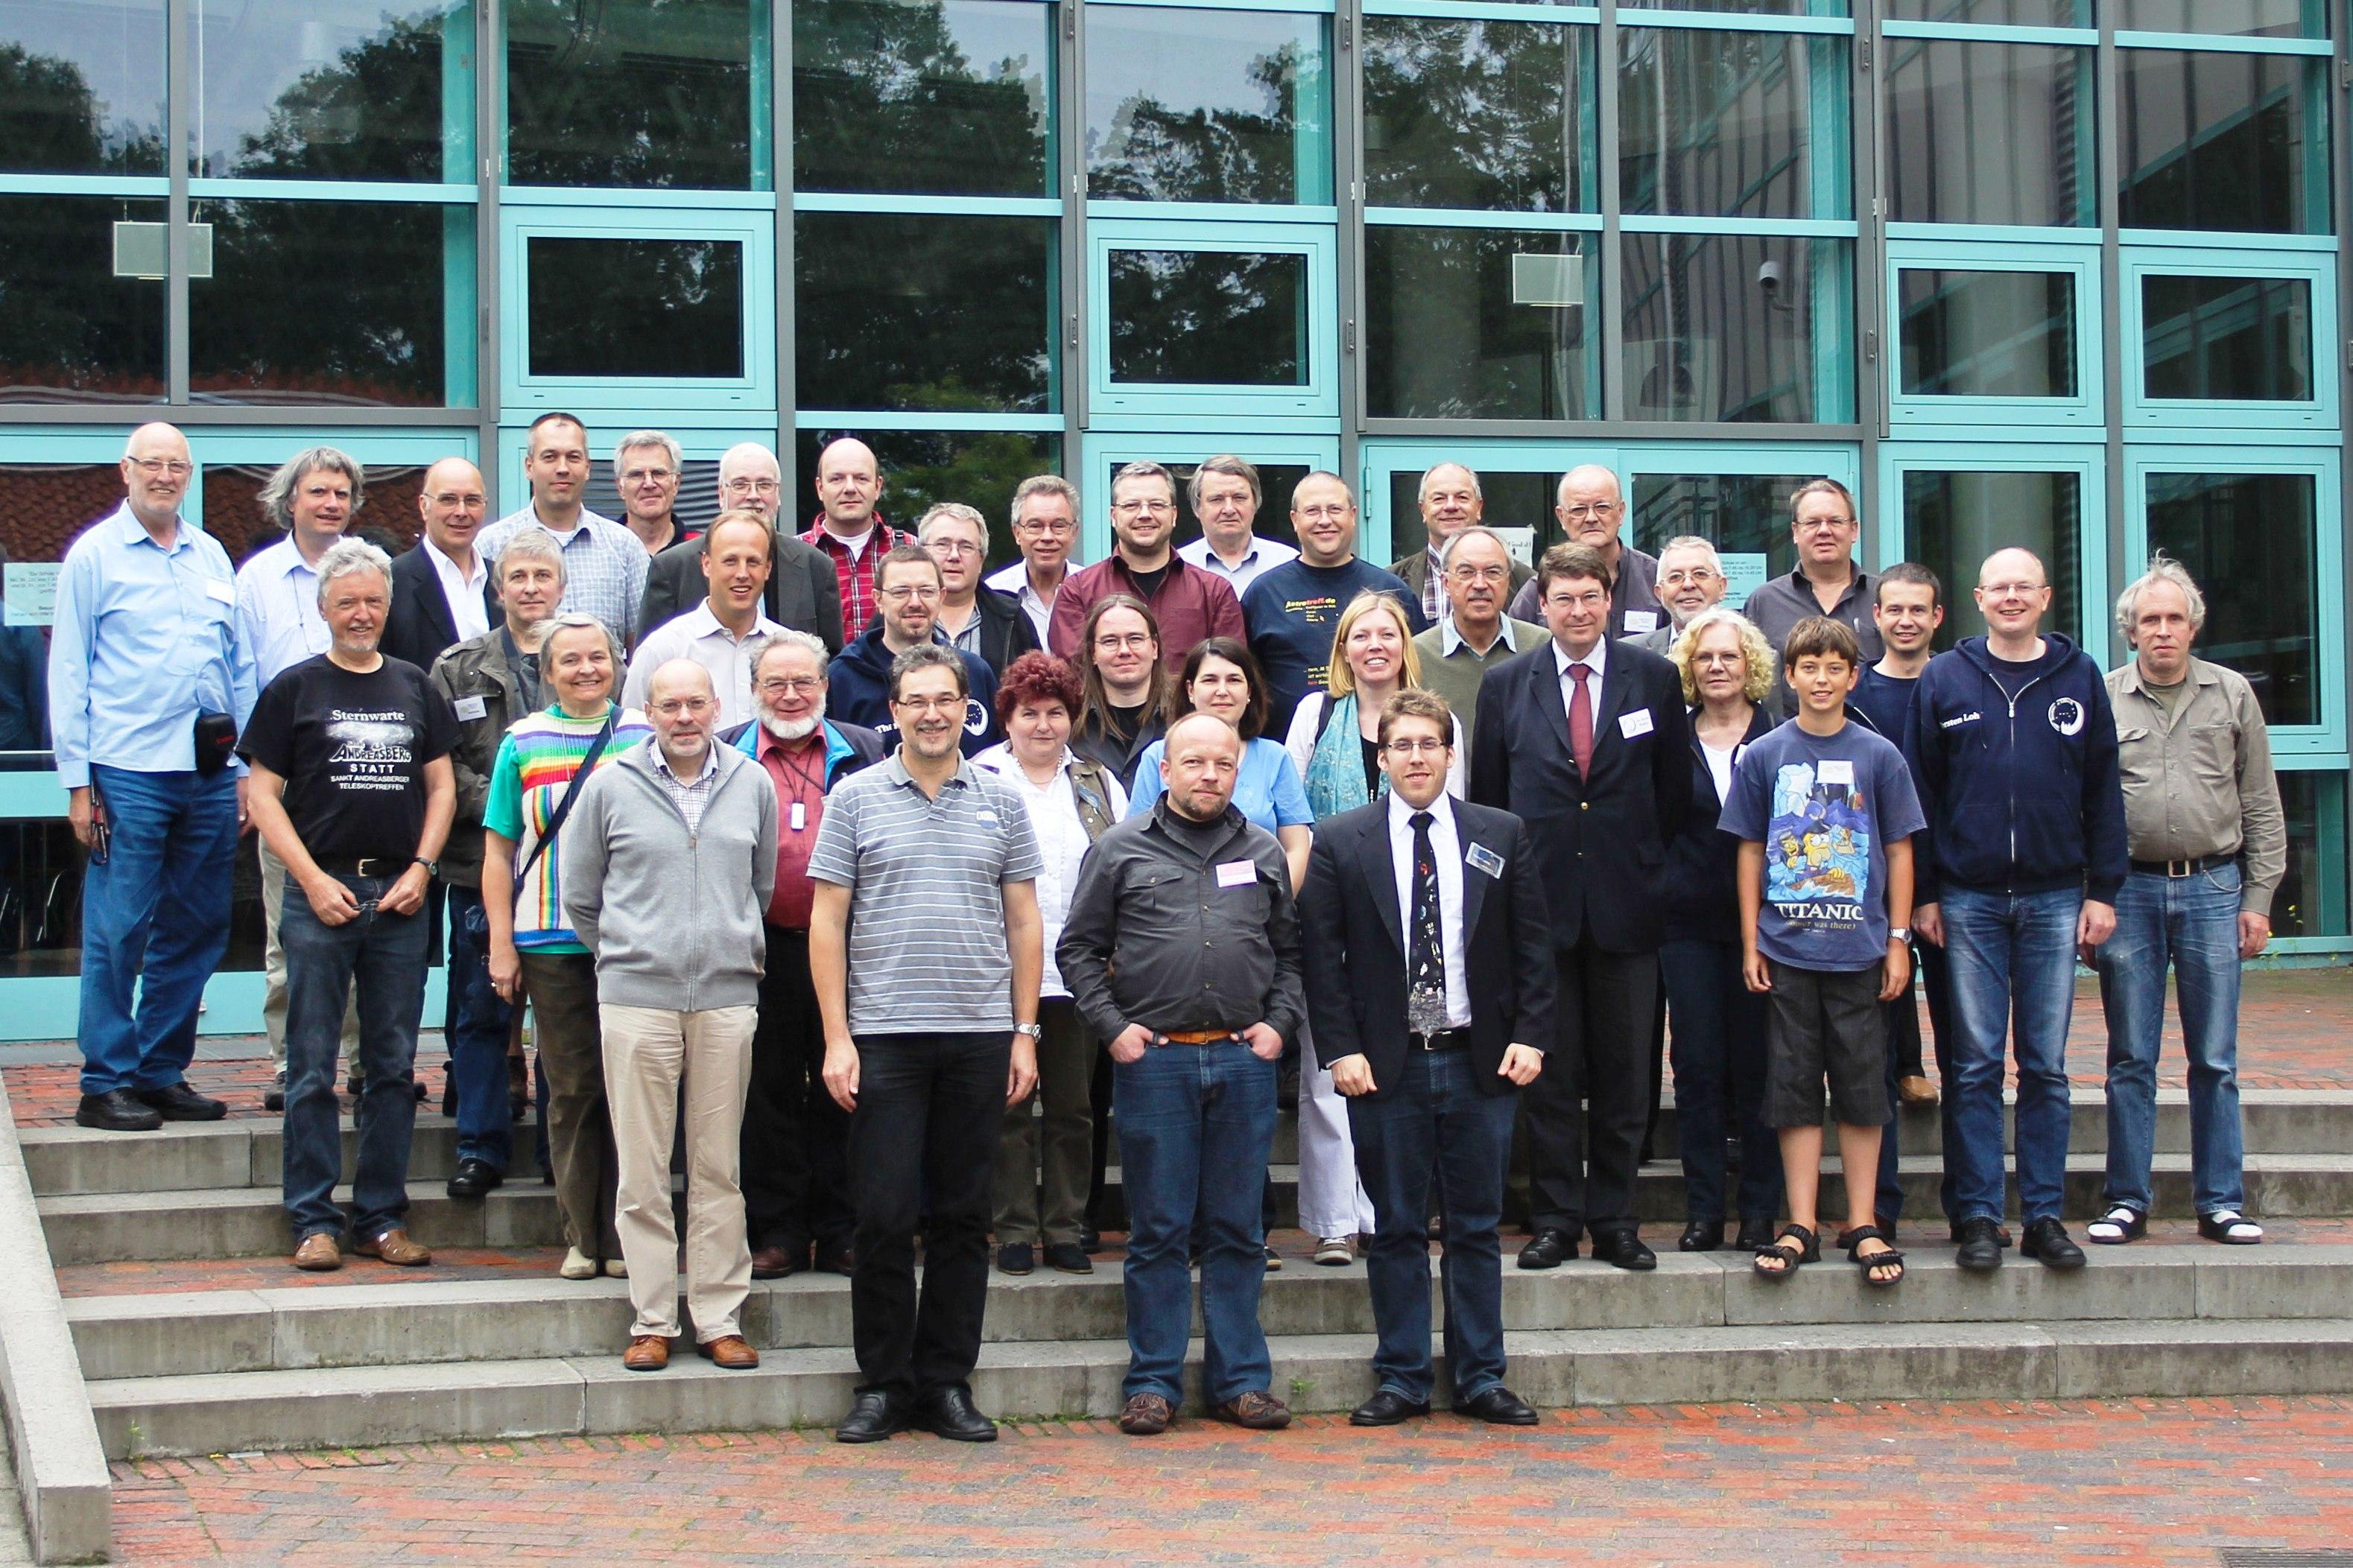 02-1.Nordeutsches Sternwarten Treffen 25.06.2011 Gruppenfoto Foto M. Ludwig